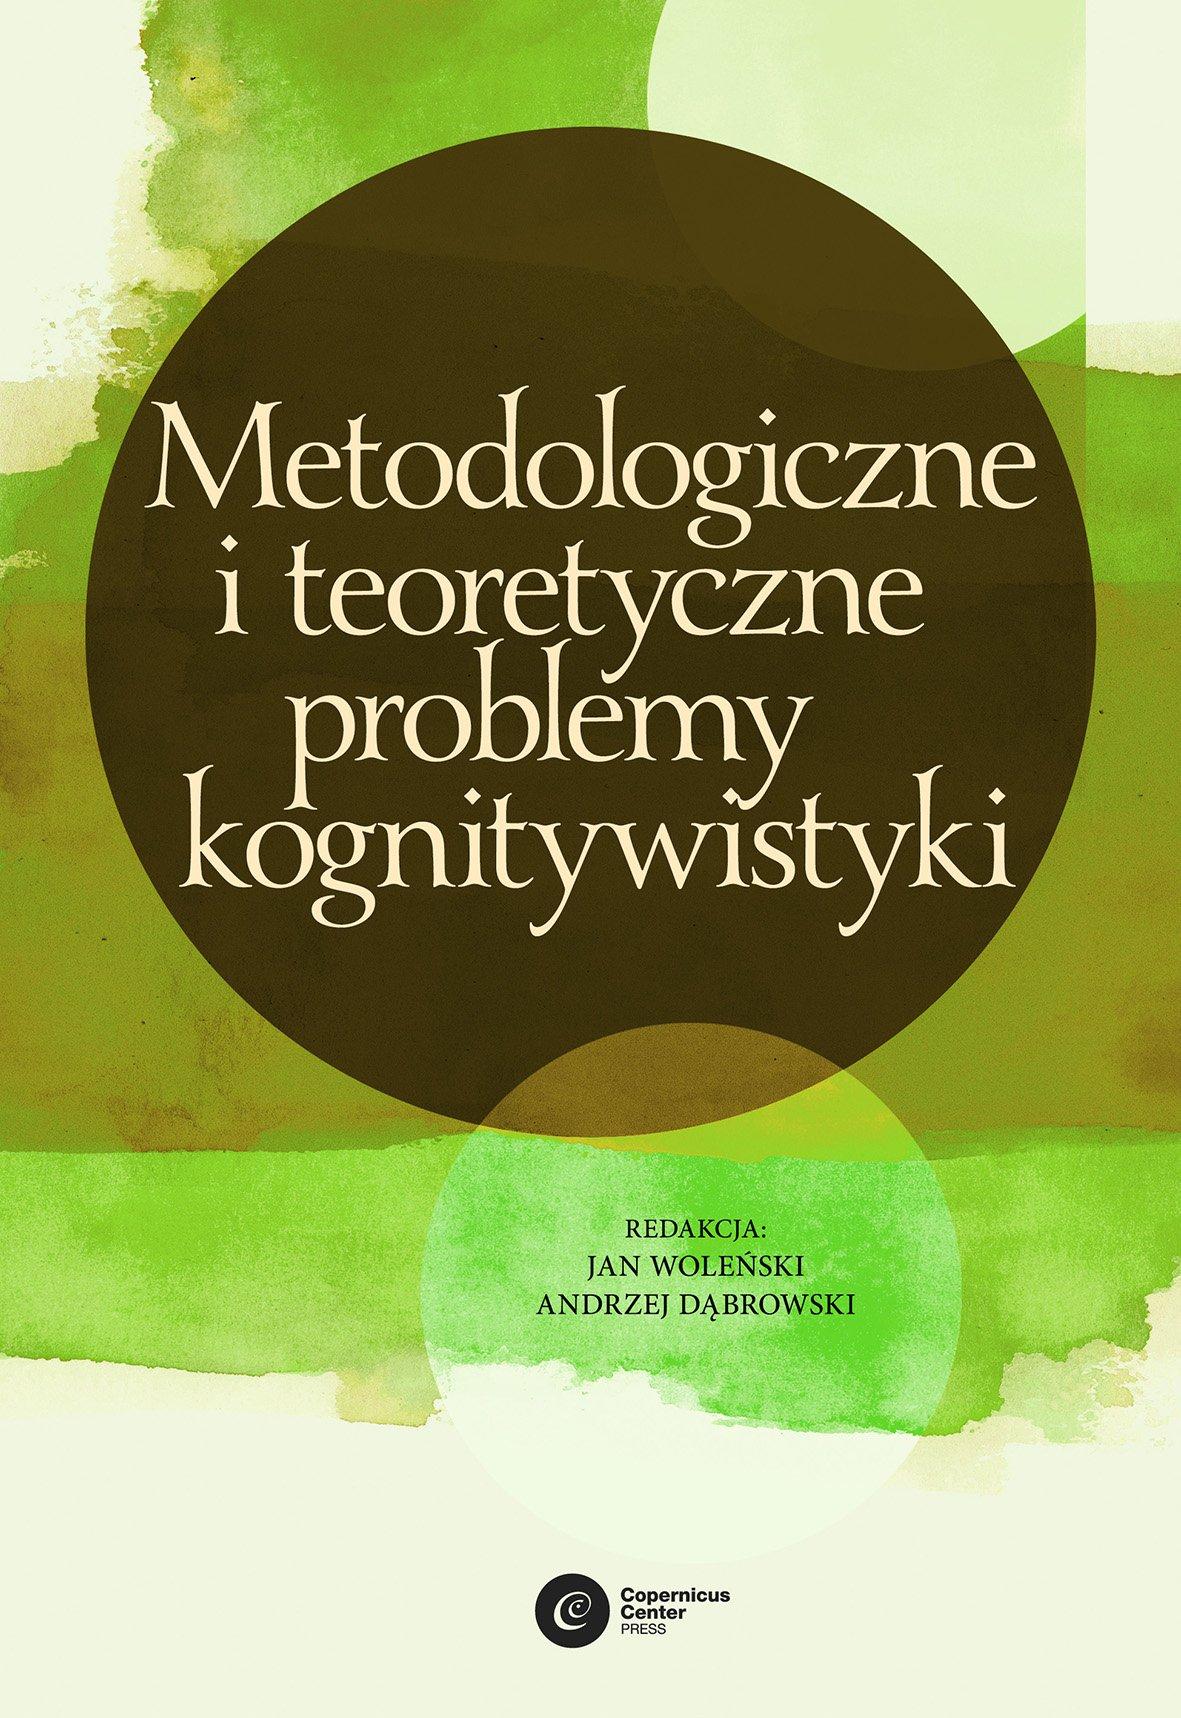 Metodologiczne i teoretyczne problemy kognitywistyki - Ebook (Książka EPUB) do pobrania w formacie EPUB